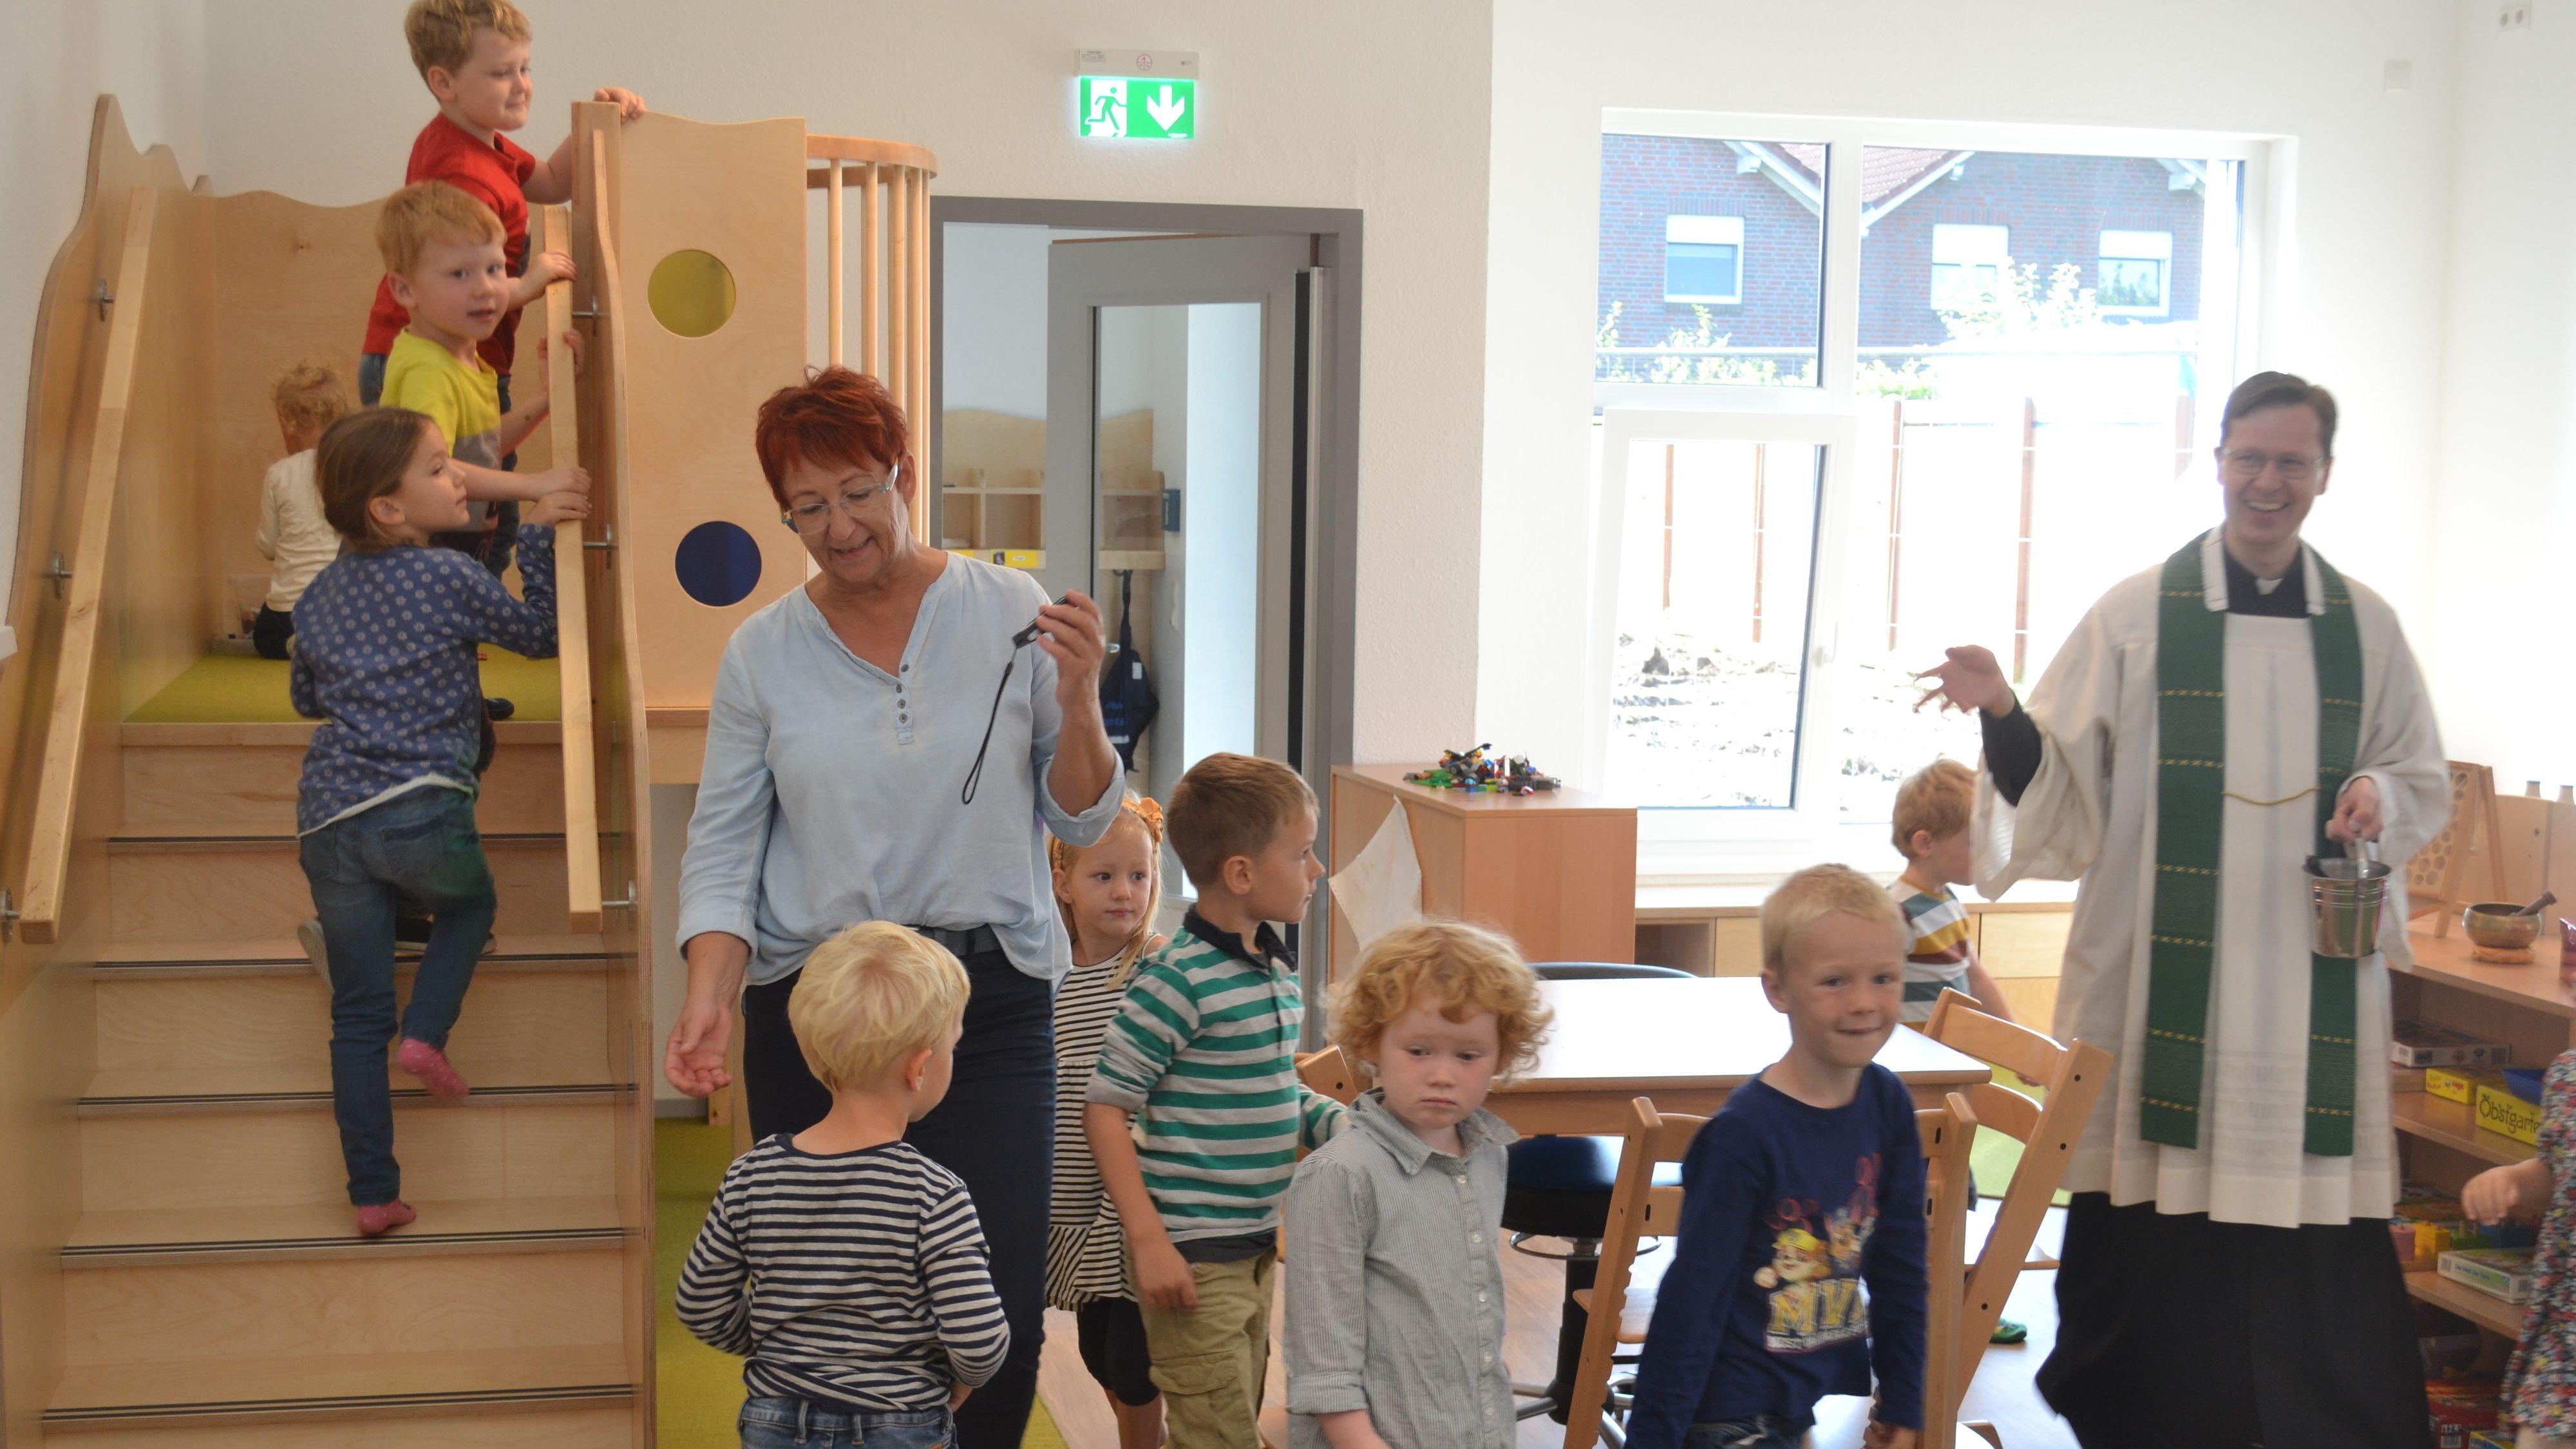 Einweihung: Pfarrer Jörn Illenseer und Kita-Mitarbeiterin Bernadette Thole gingen mit den Kindern durch die Räume. Foto: Schrimper